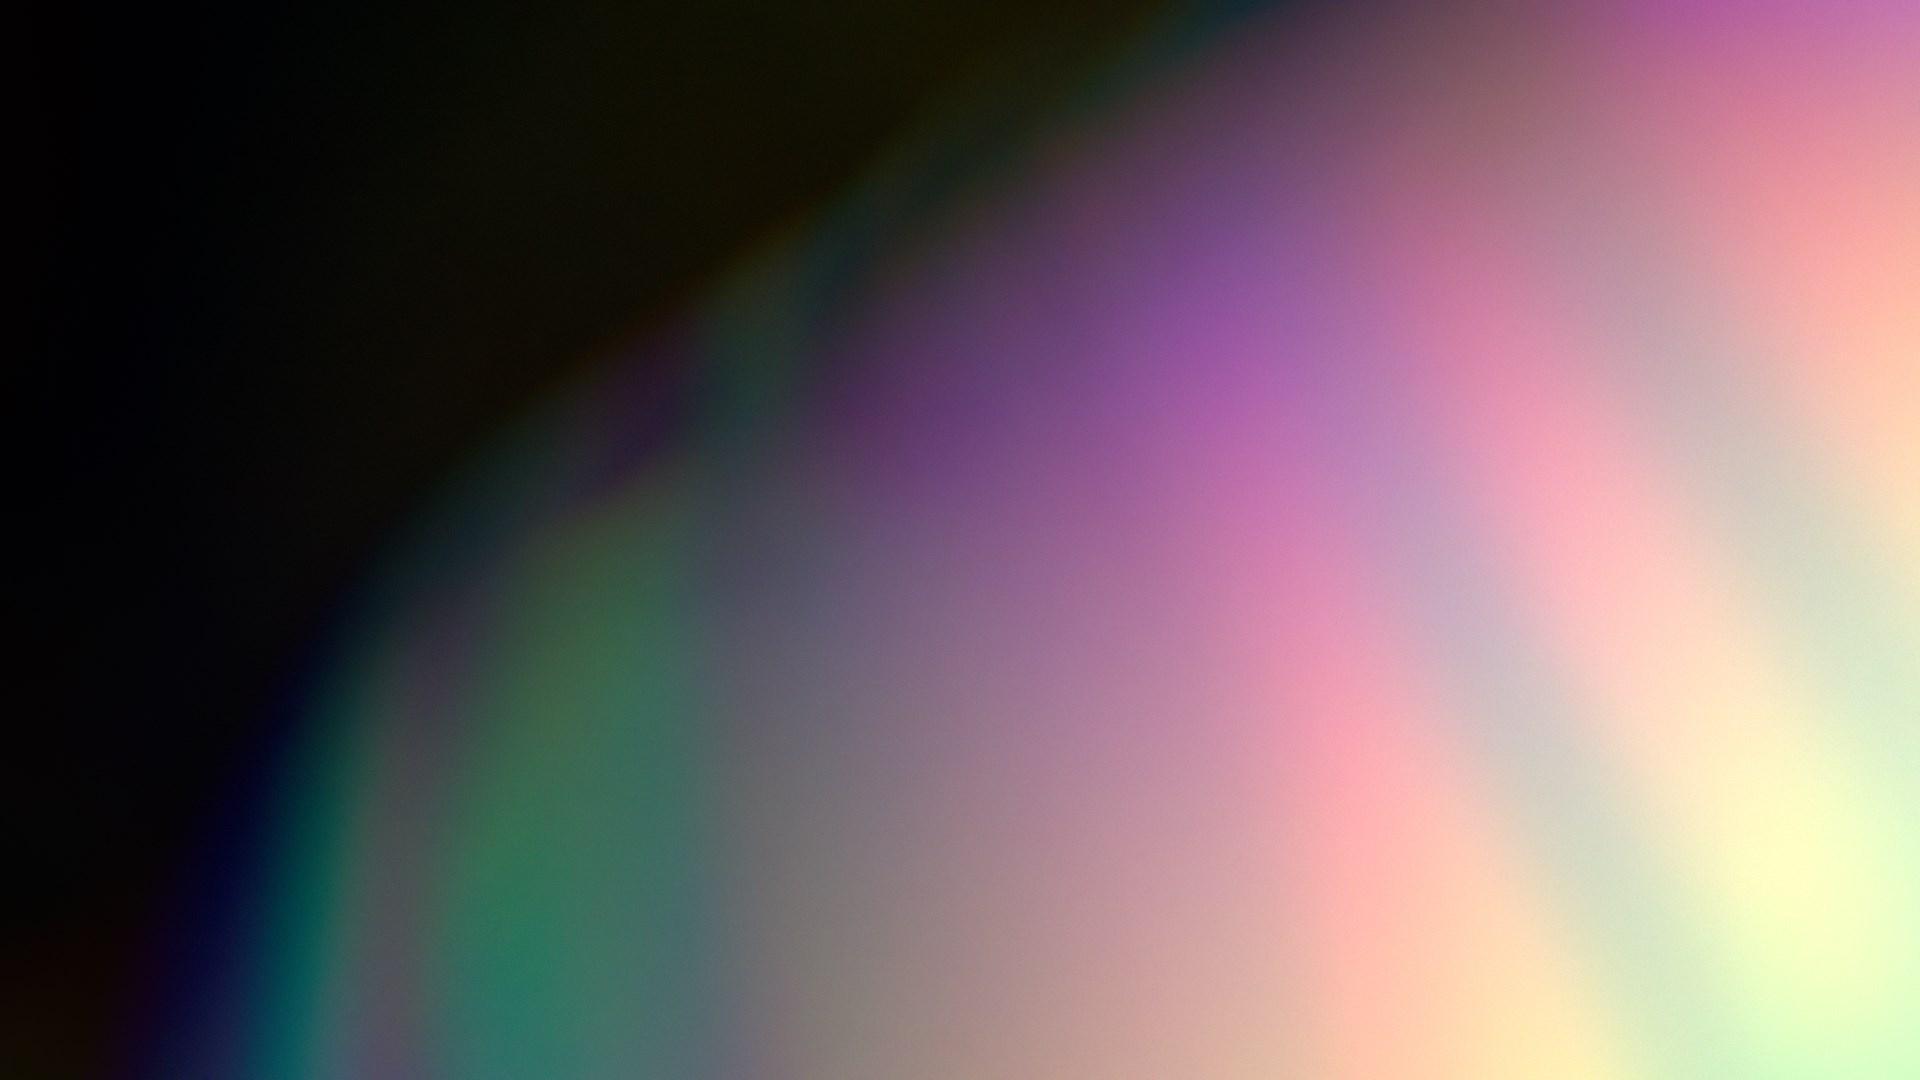 light leak footage